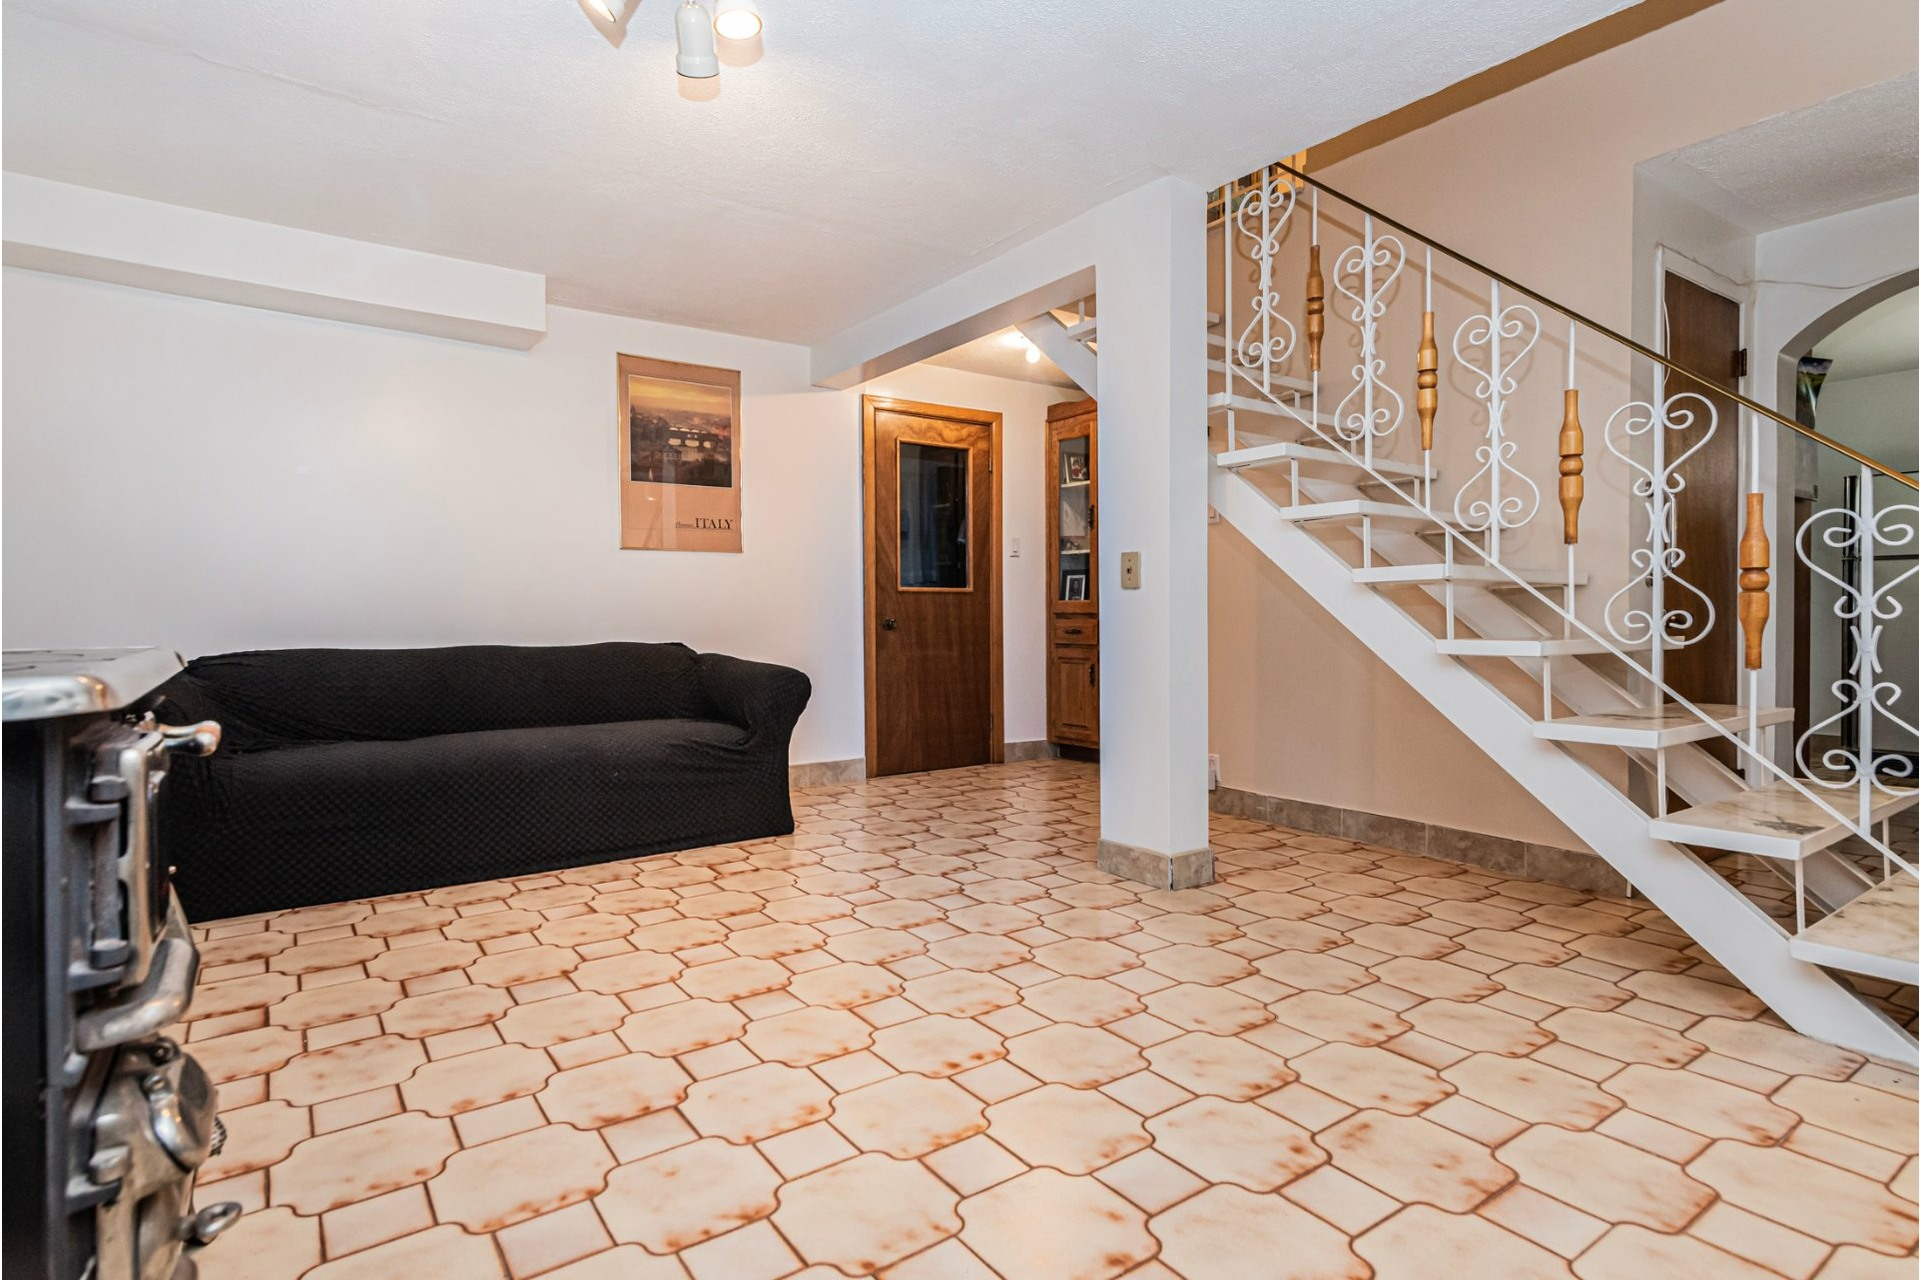 image 21 - Duplex For sale Saint-Léonard Montréal  - 9 rooms